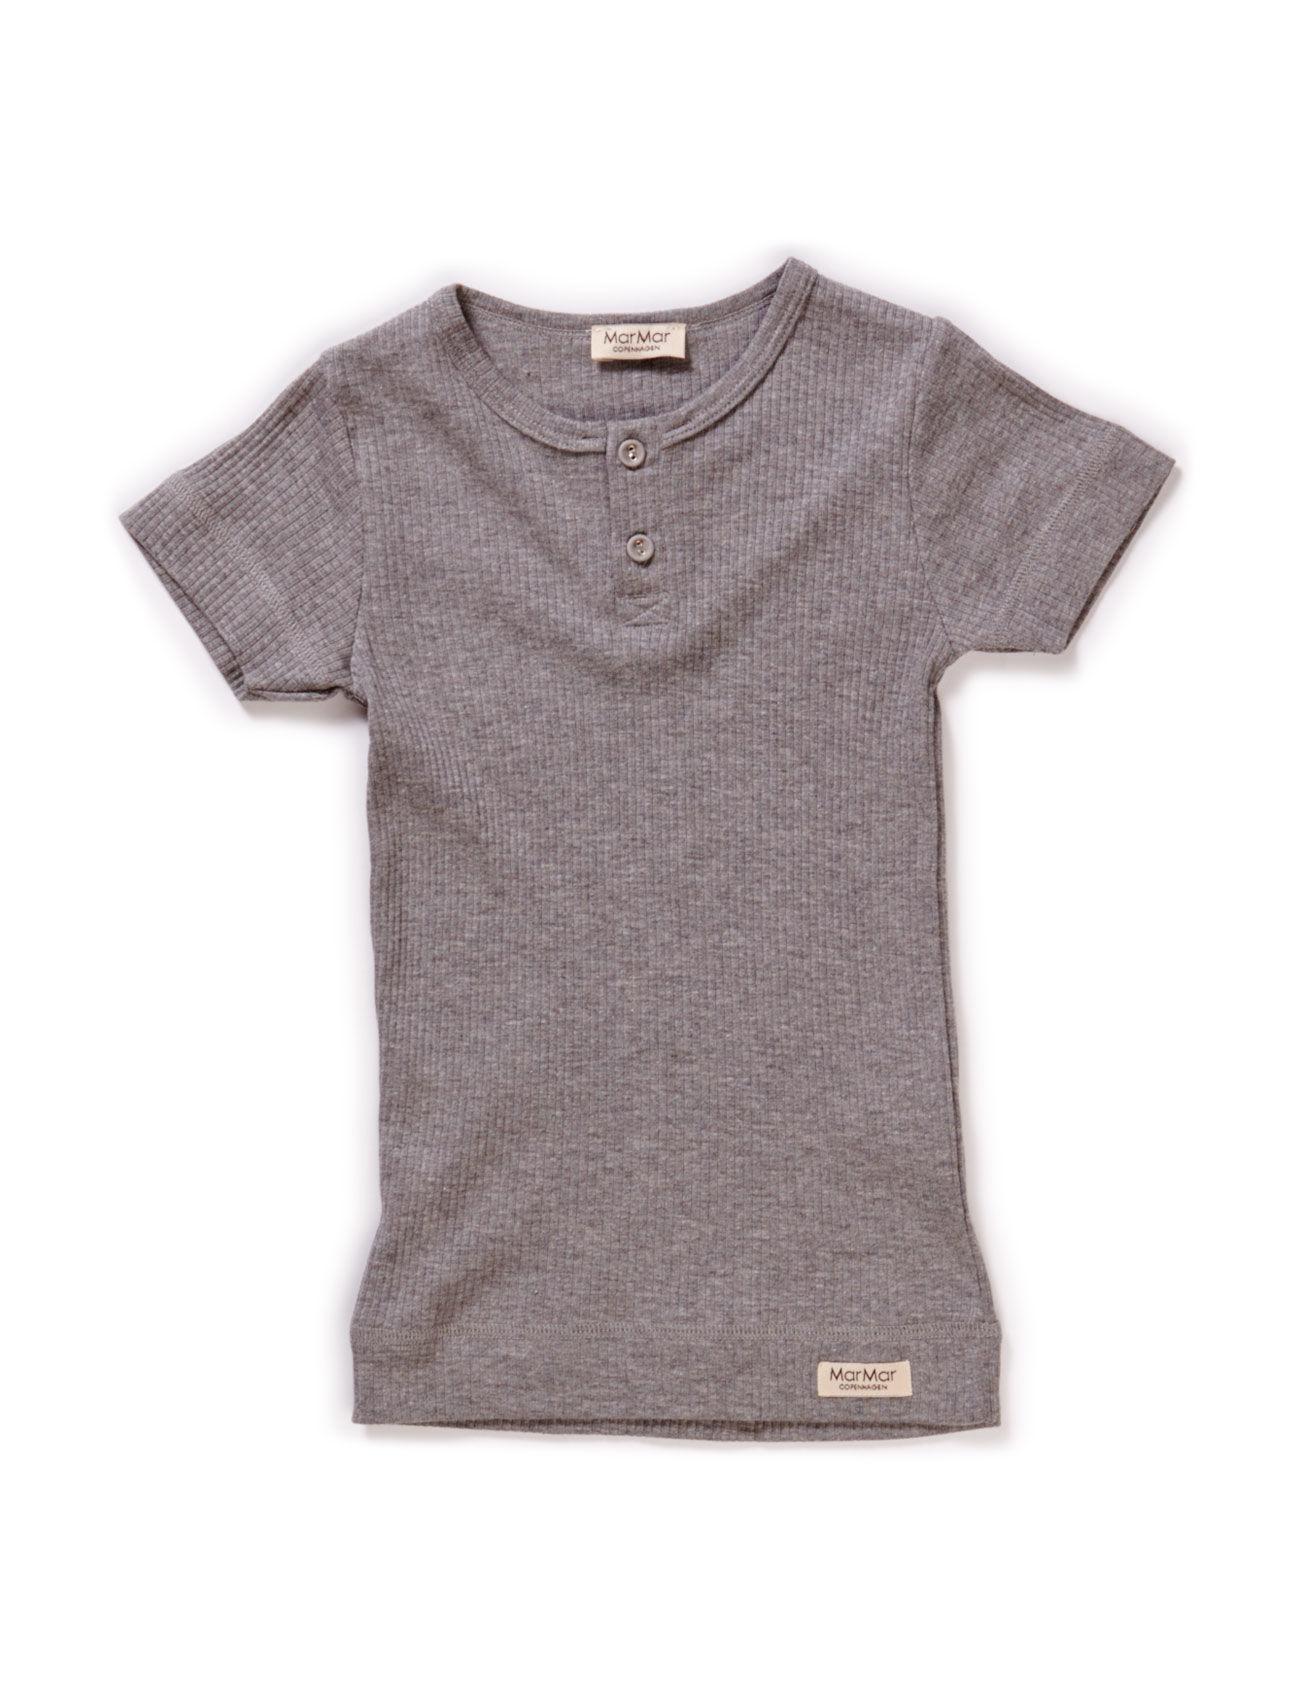 Tee Ss MarMar Cph T-shirts til Børn i Rose